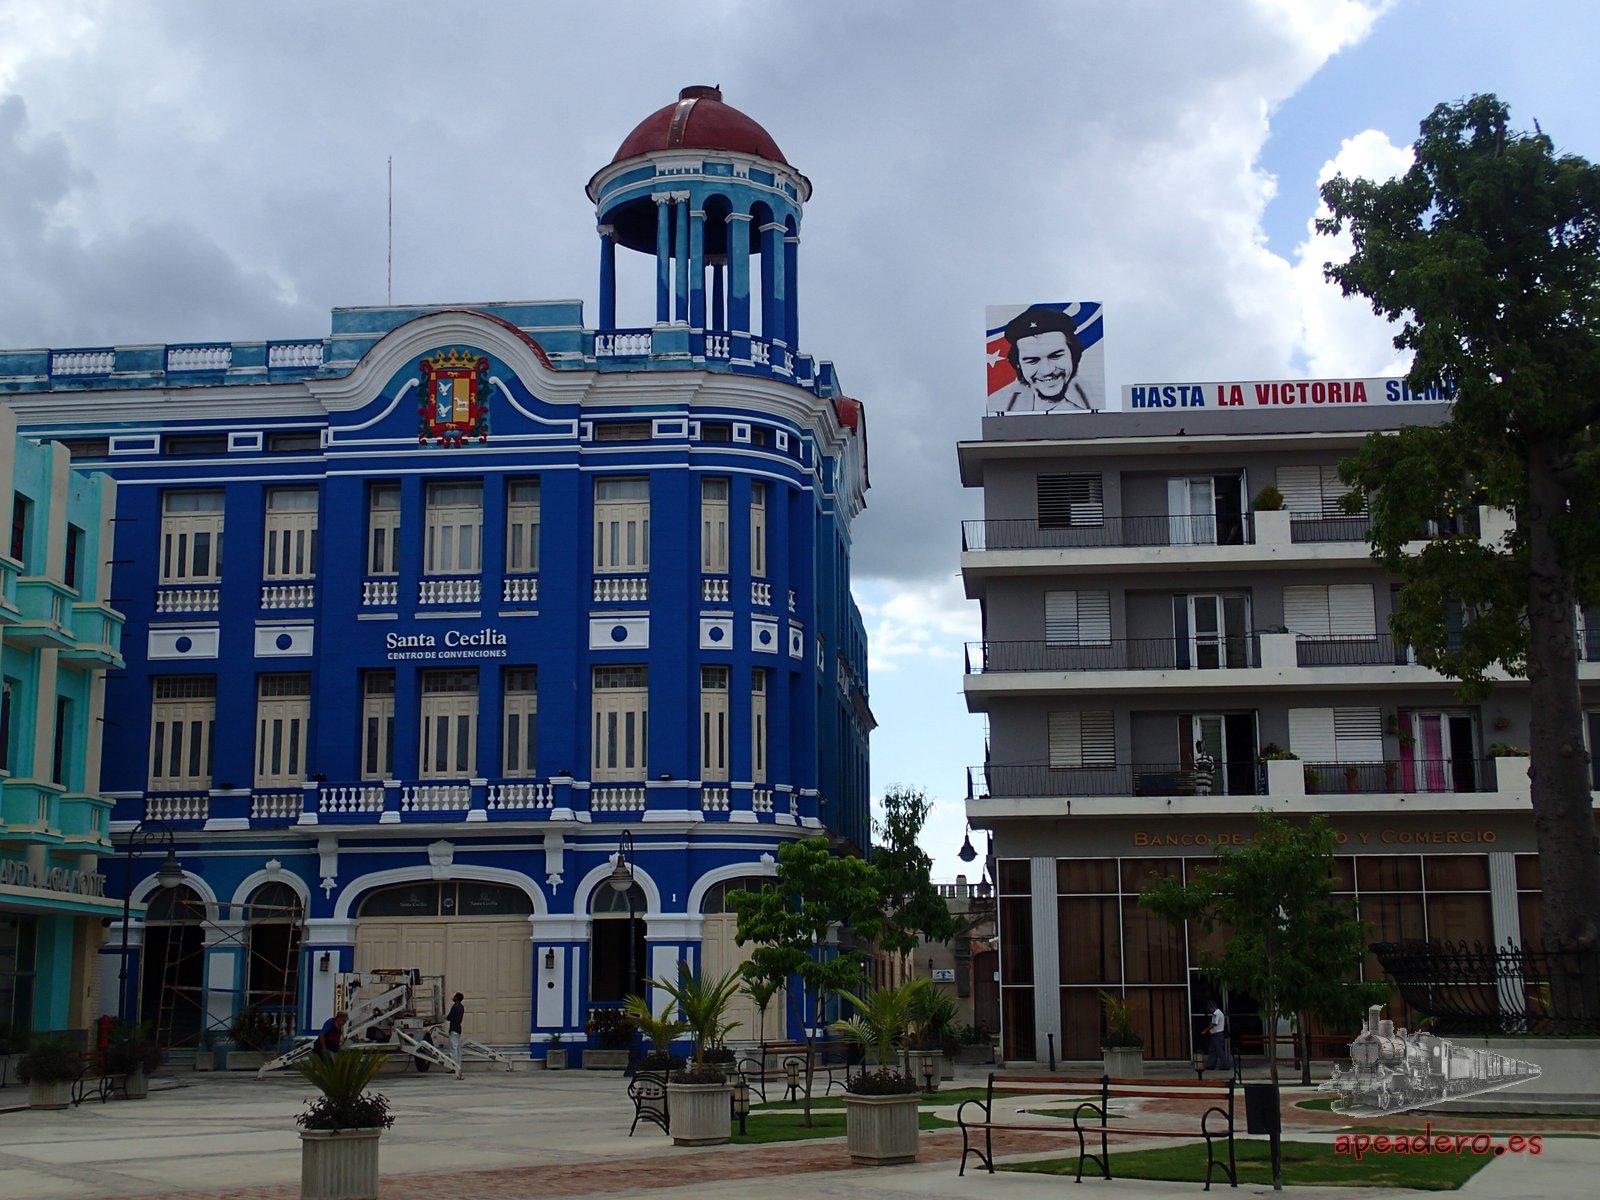 Fuera de La Habana, la mayoría de las ciudades han sido restauradas y han recuperado la gloria de tiempos pretéritos.